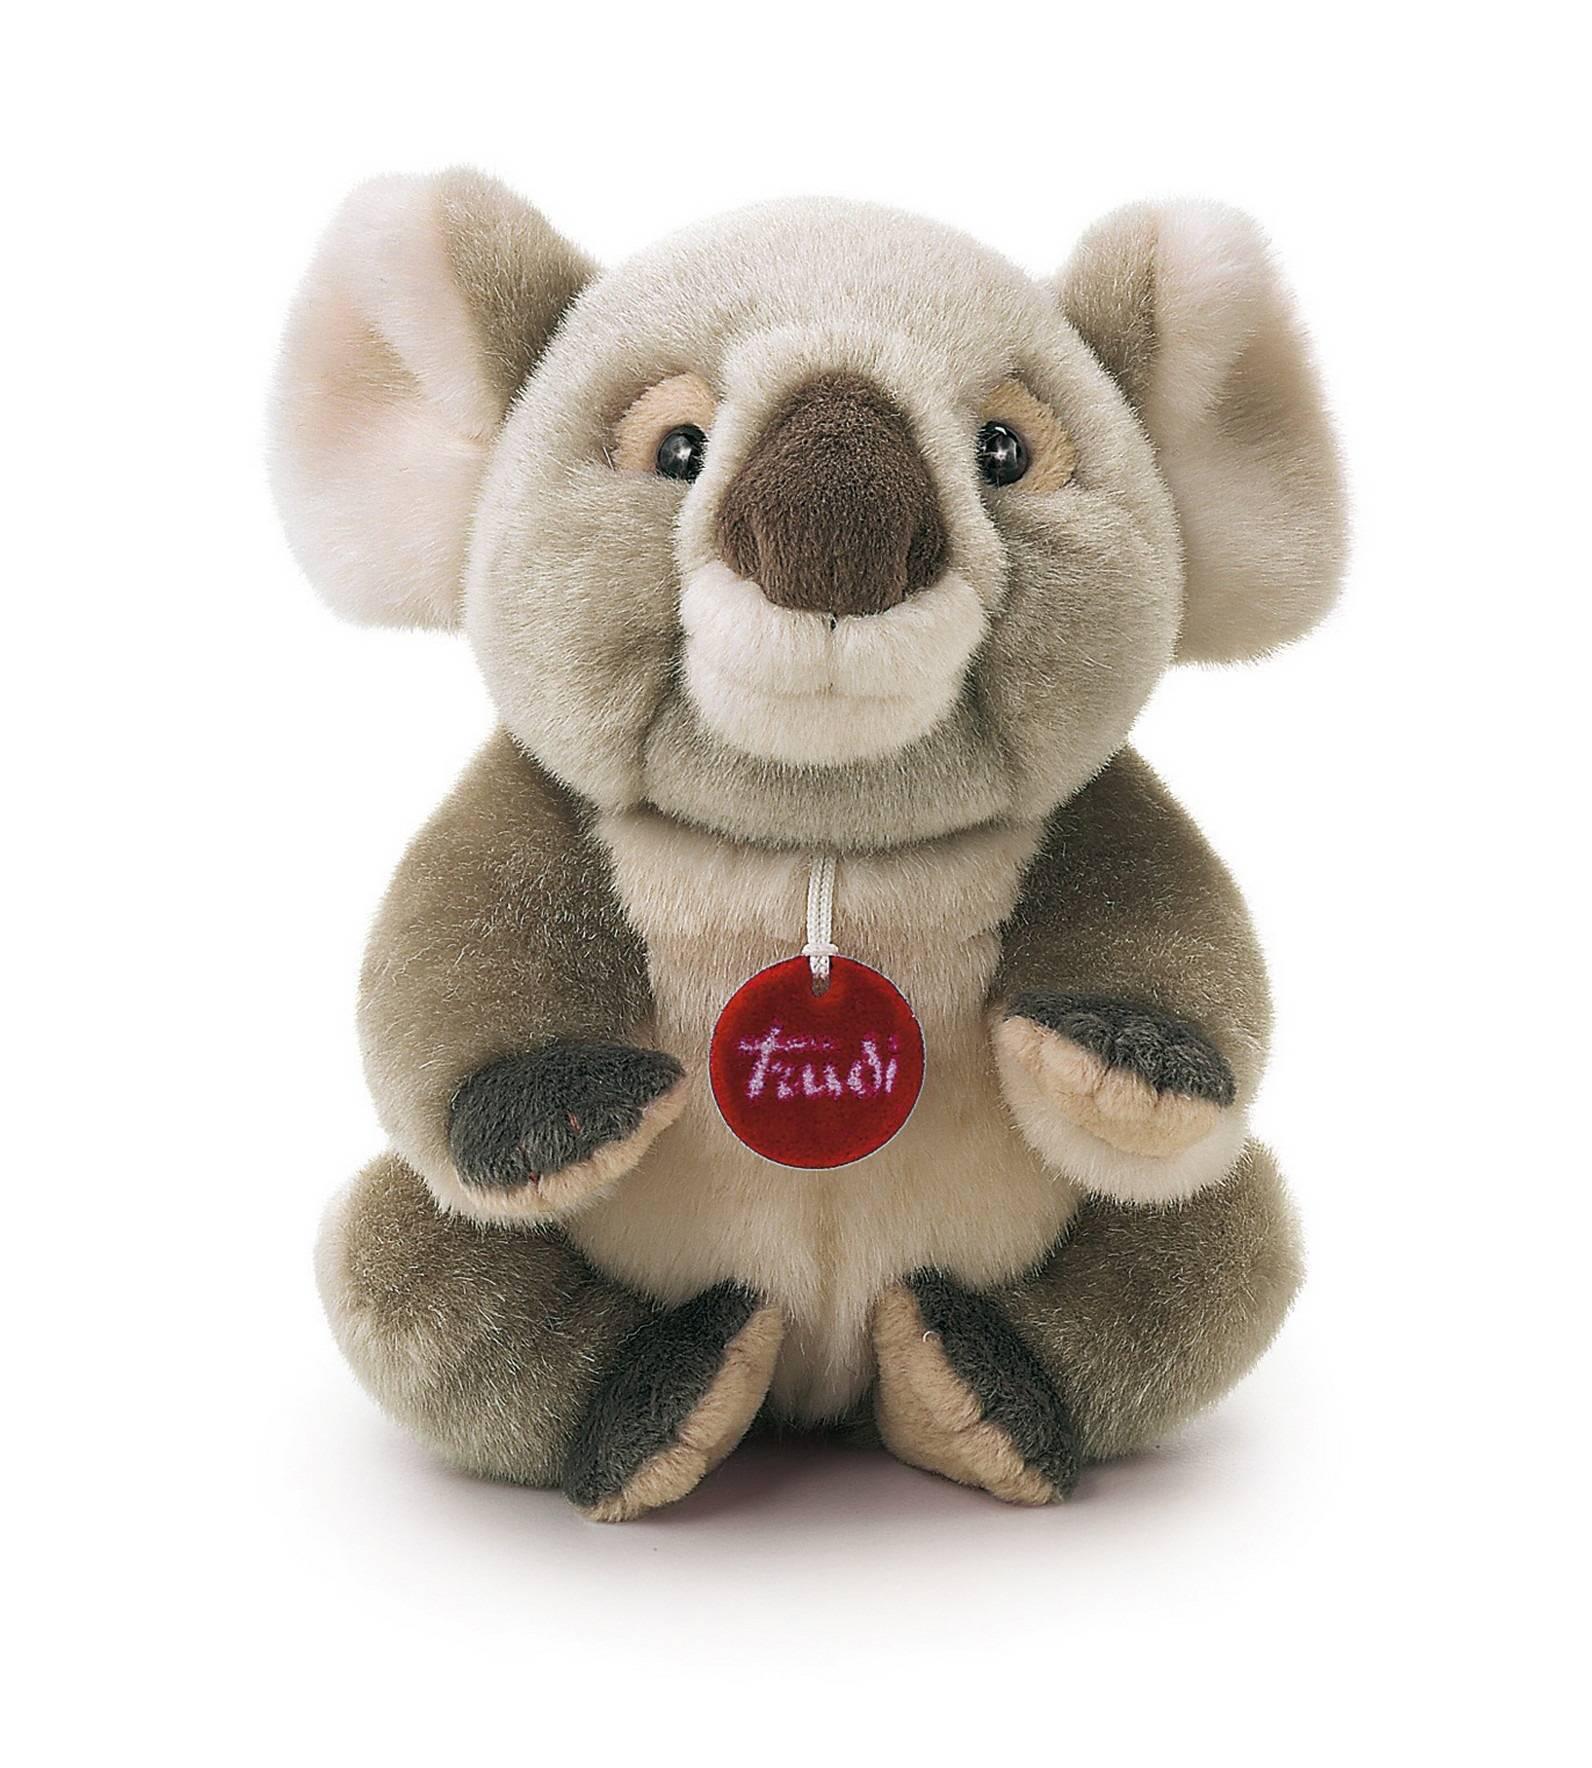 коала купить в москве отсутствие